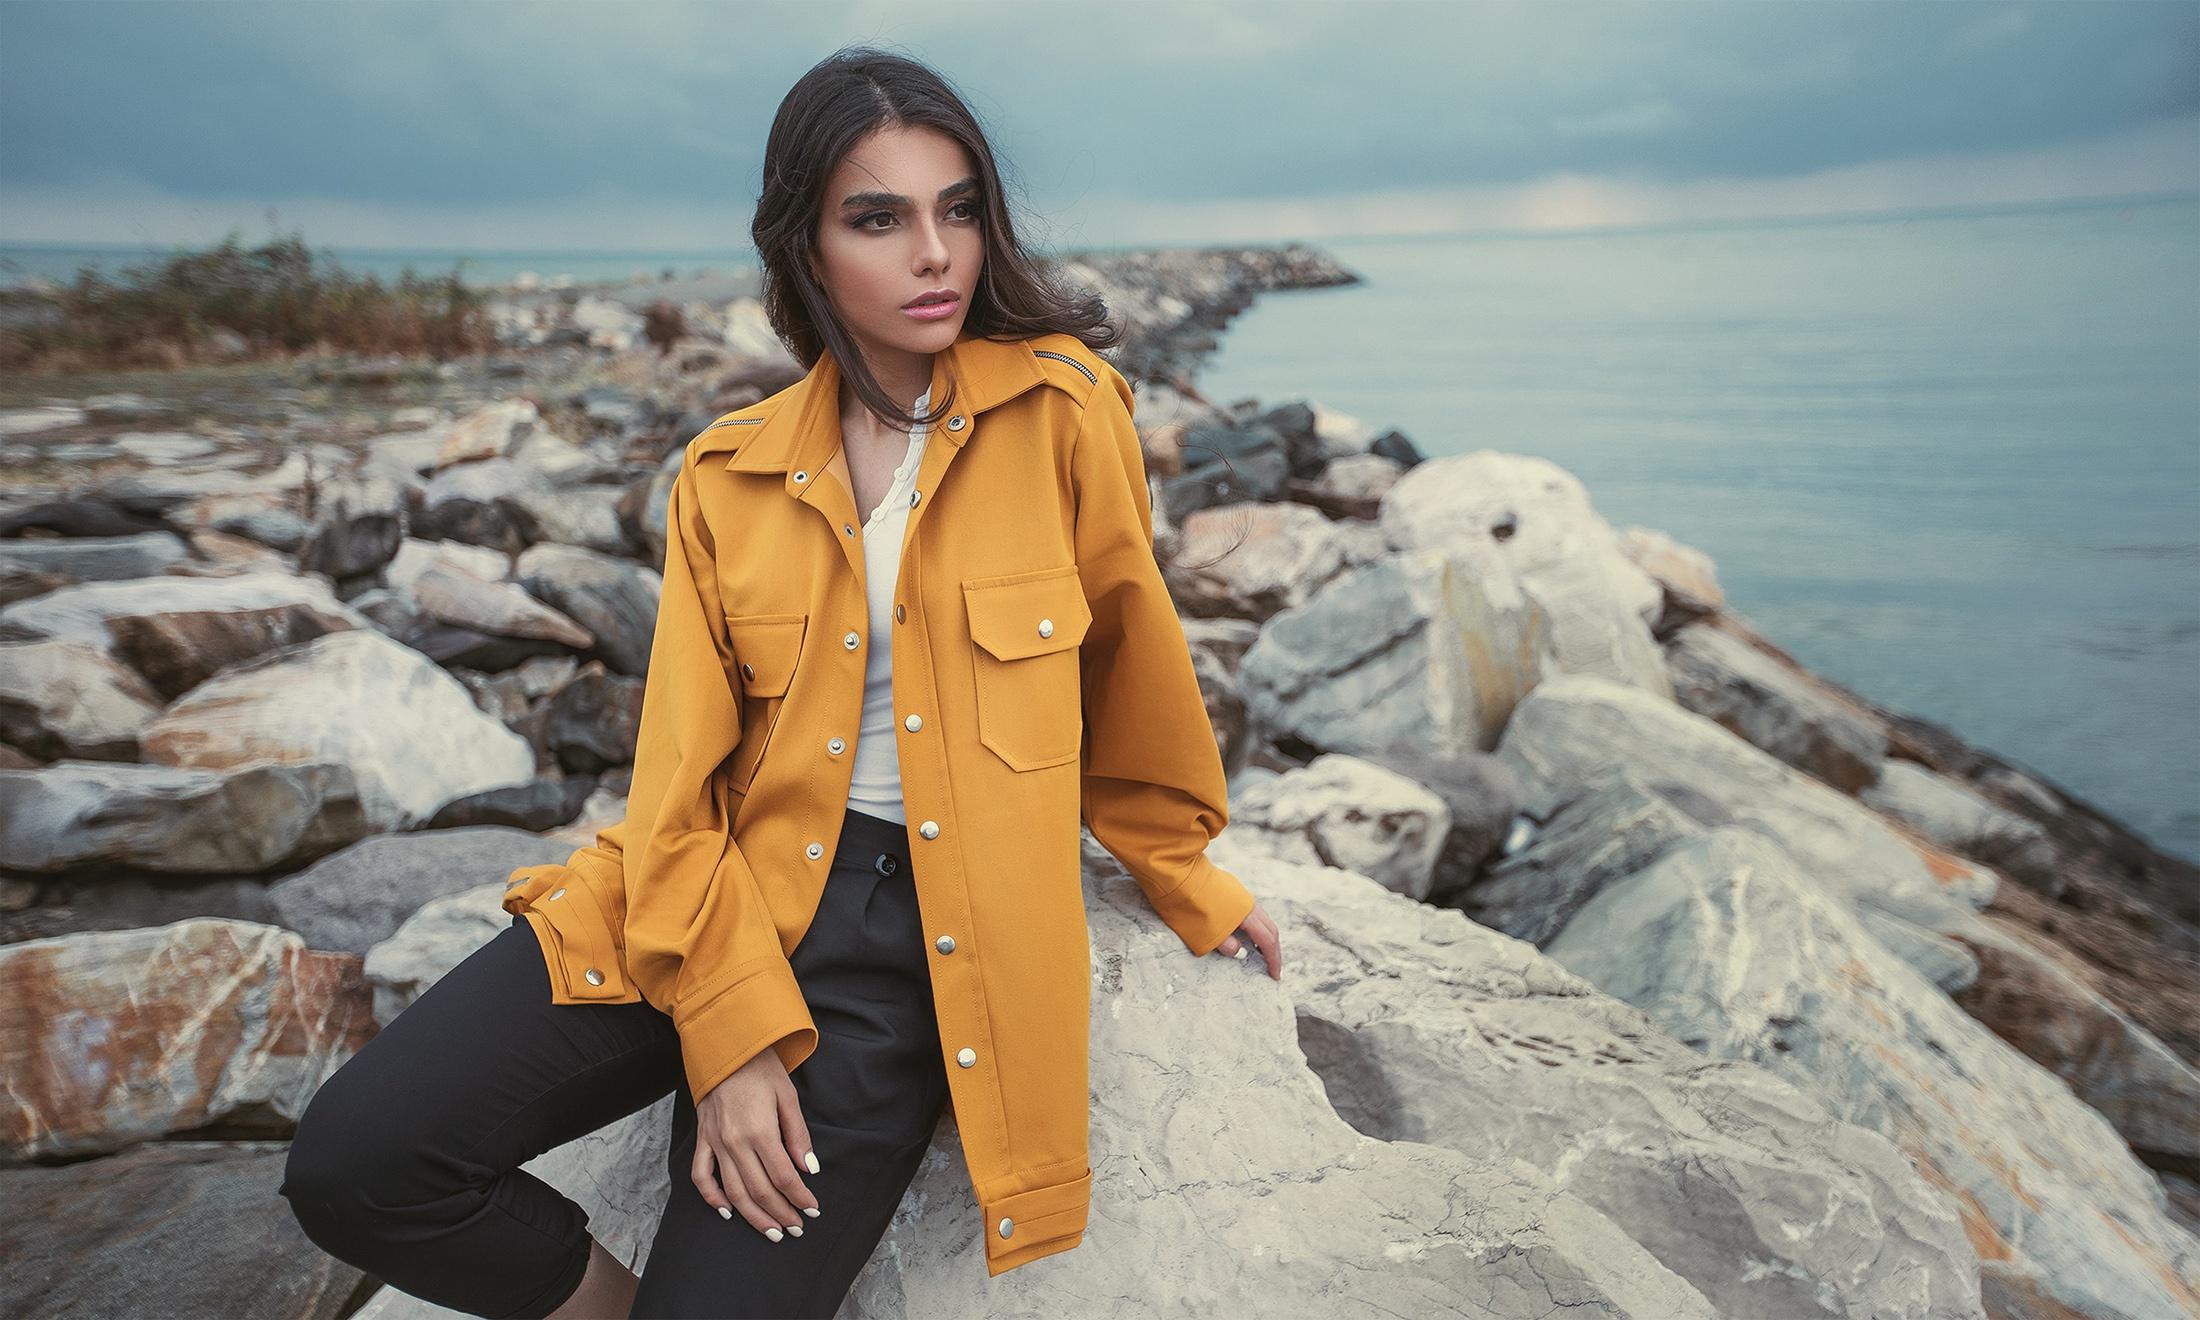 Brunette Coat Depth Of Field Girl Model Woman 2200x1320